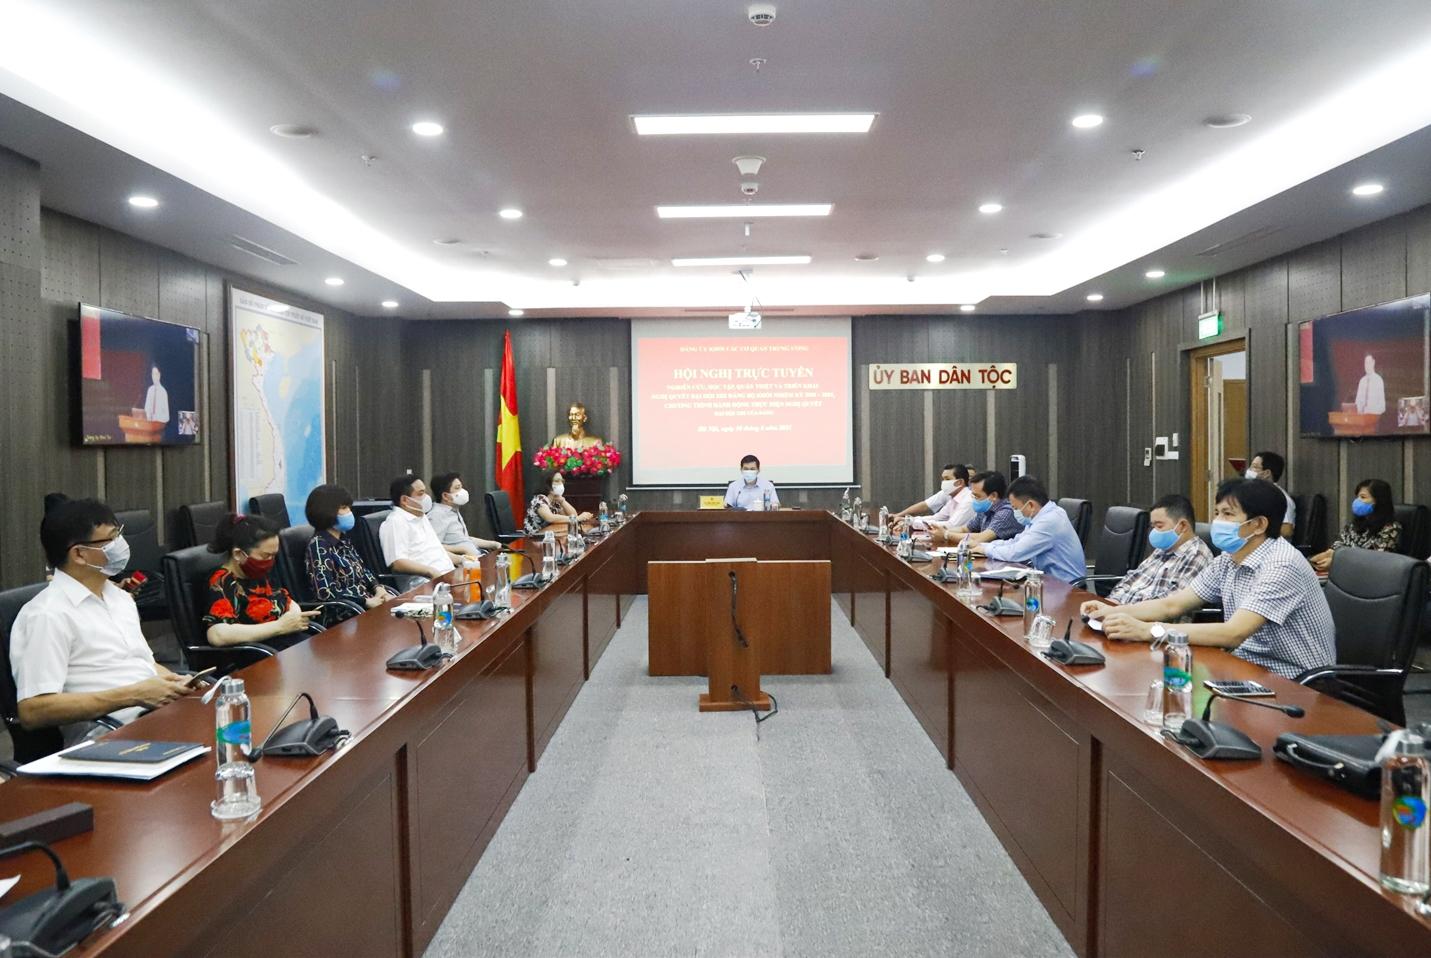 Các đại biểu tại điểm cầu Đảng ủy cơ quan Ủy ban Dân tộc nghe quán triệt các nội dung của Hội nghị